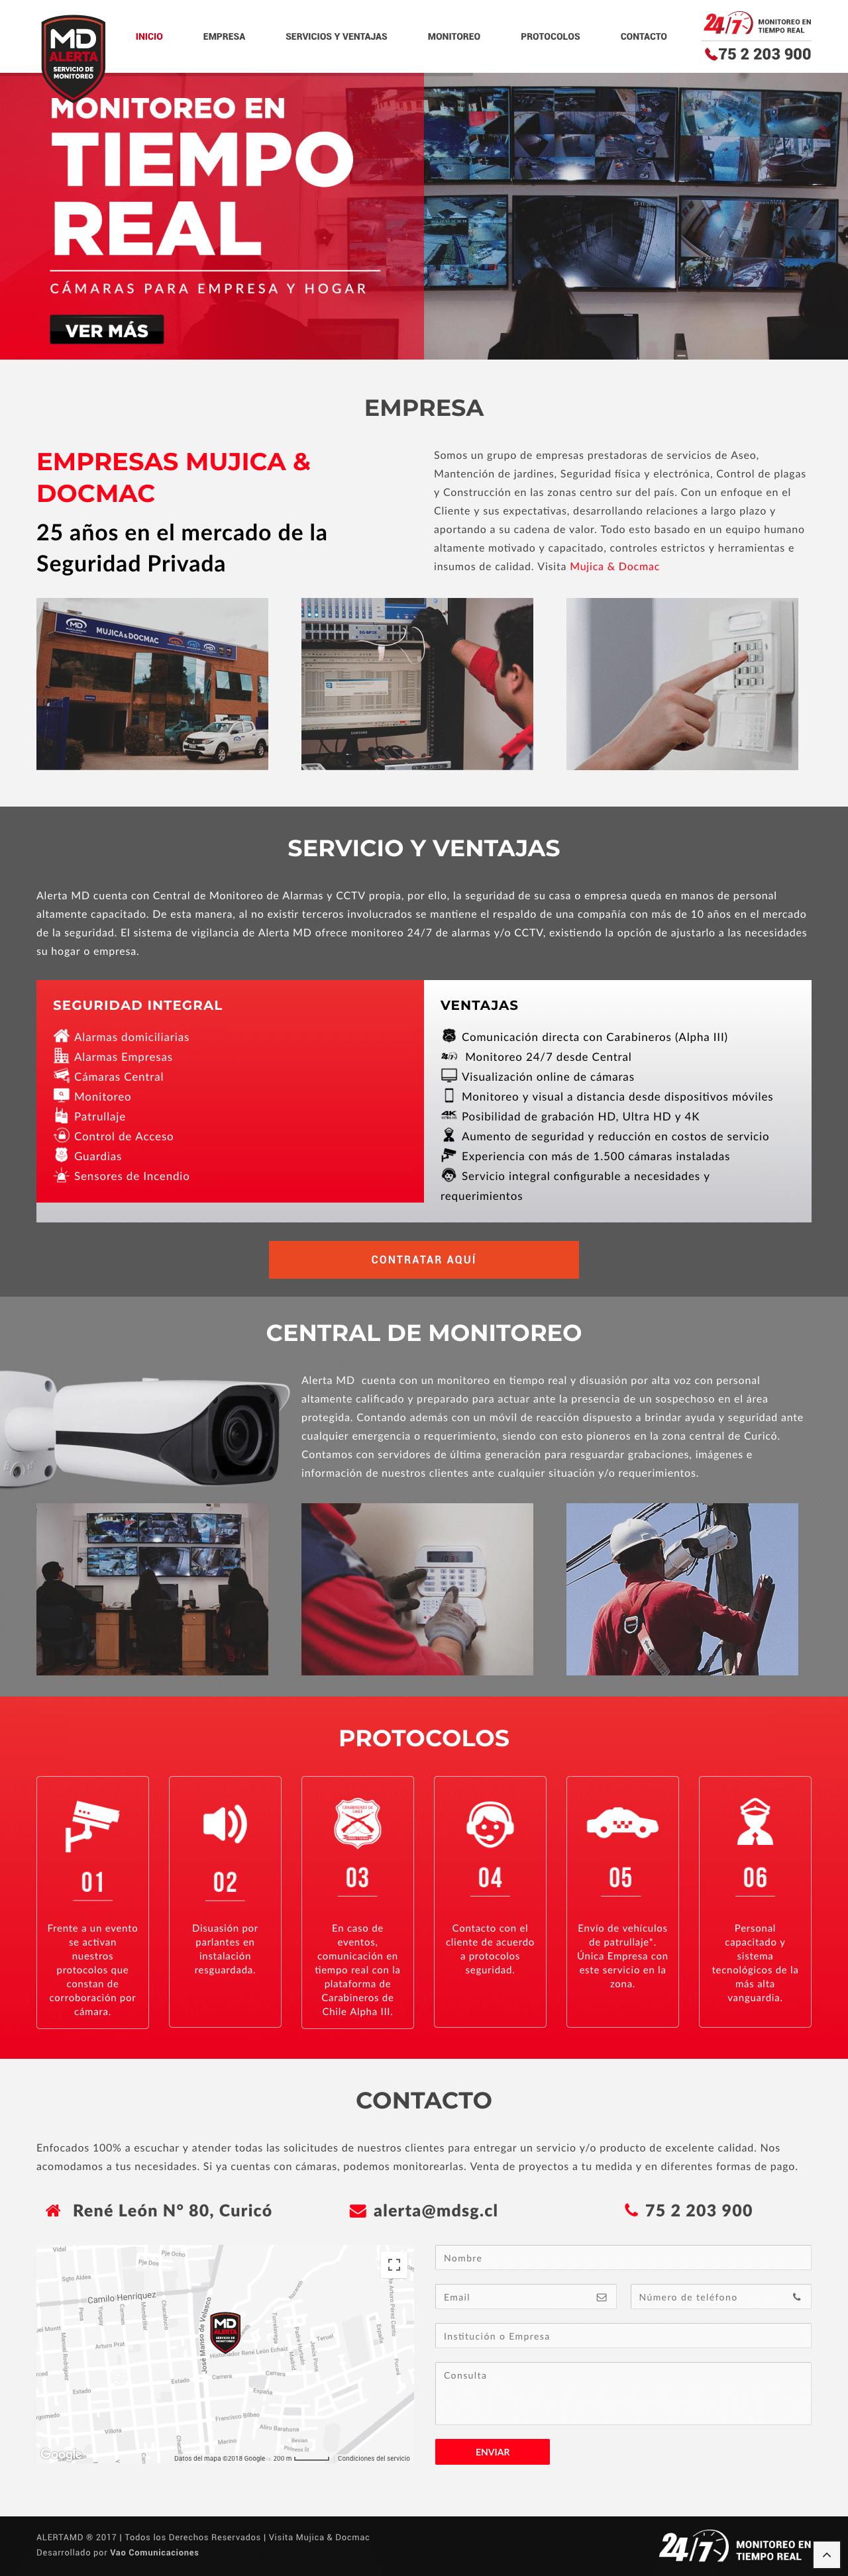 alerta MD web